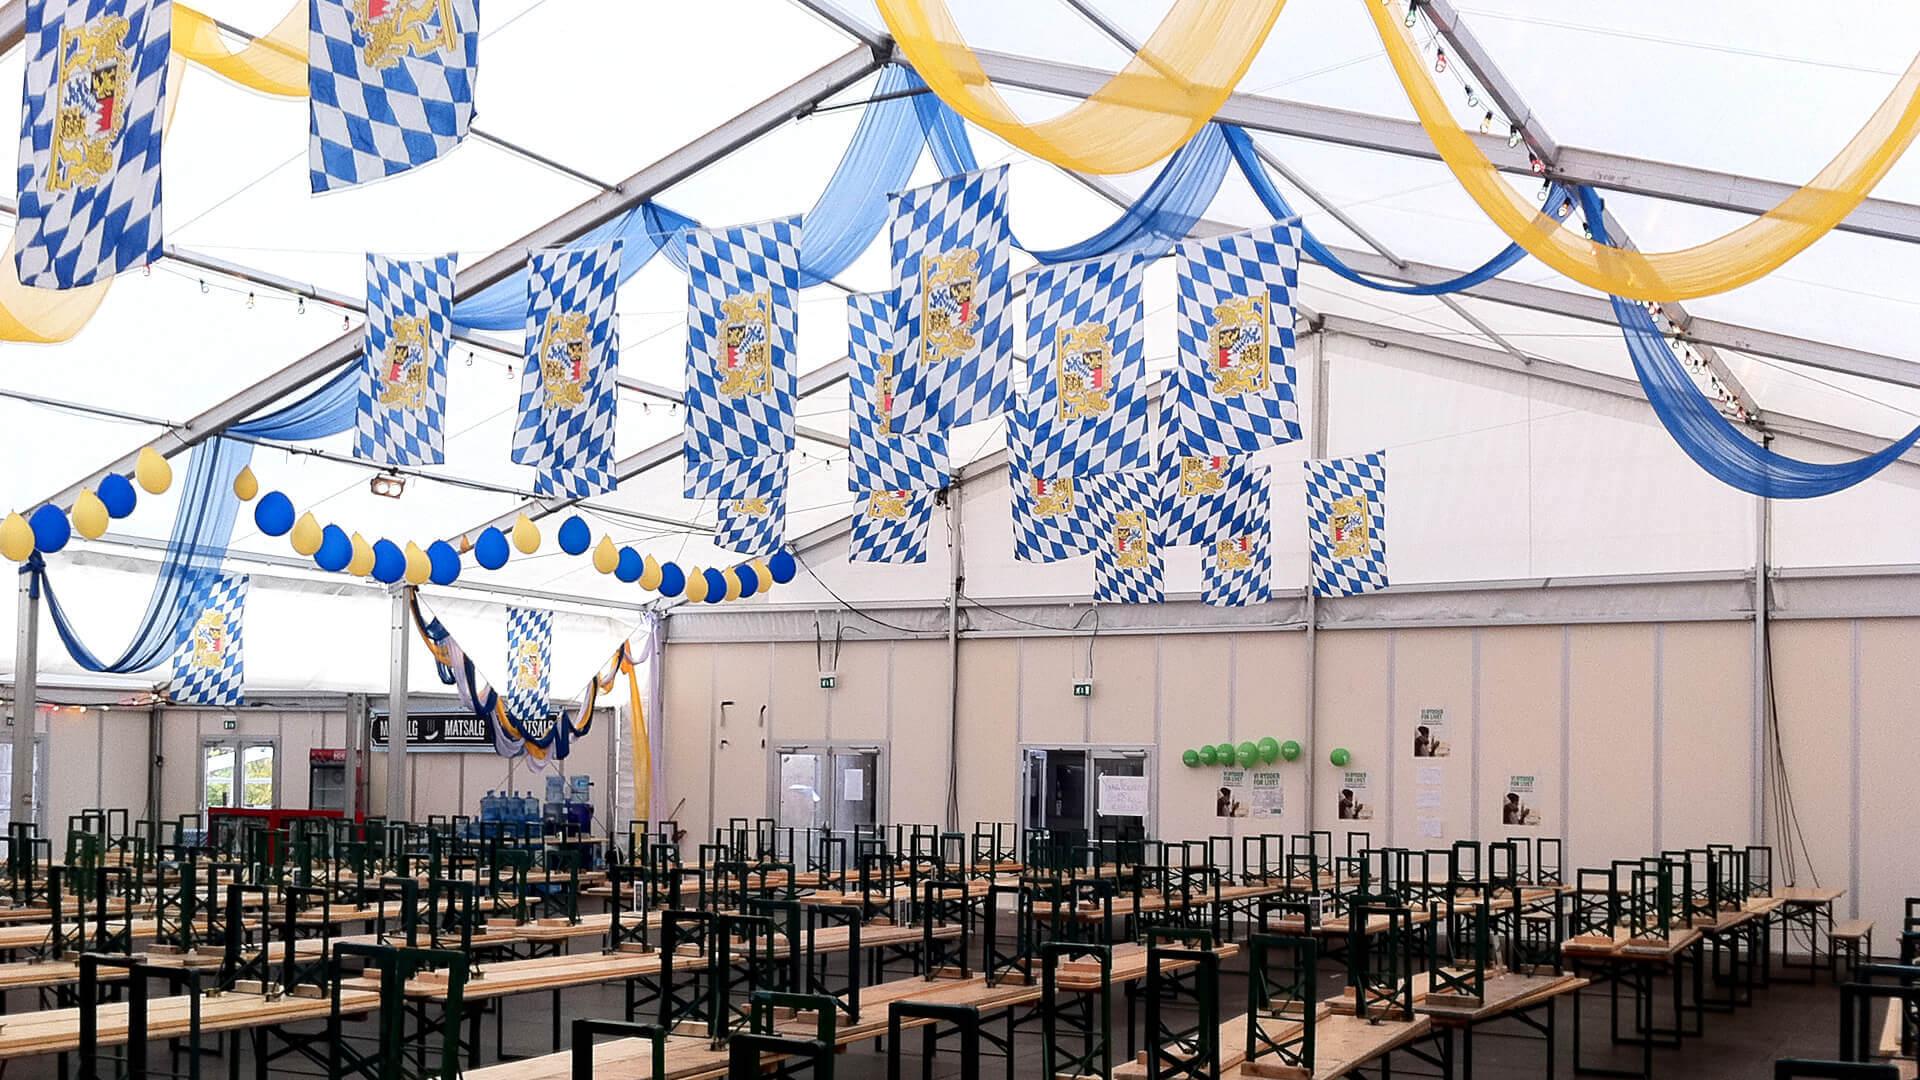 Partytält | partytält för dina festevenemang | Flera modeller